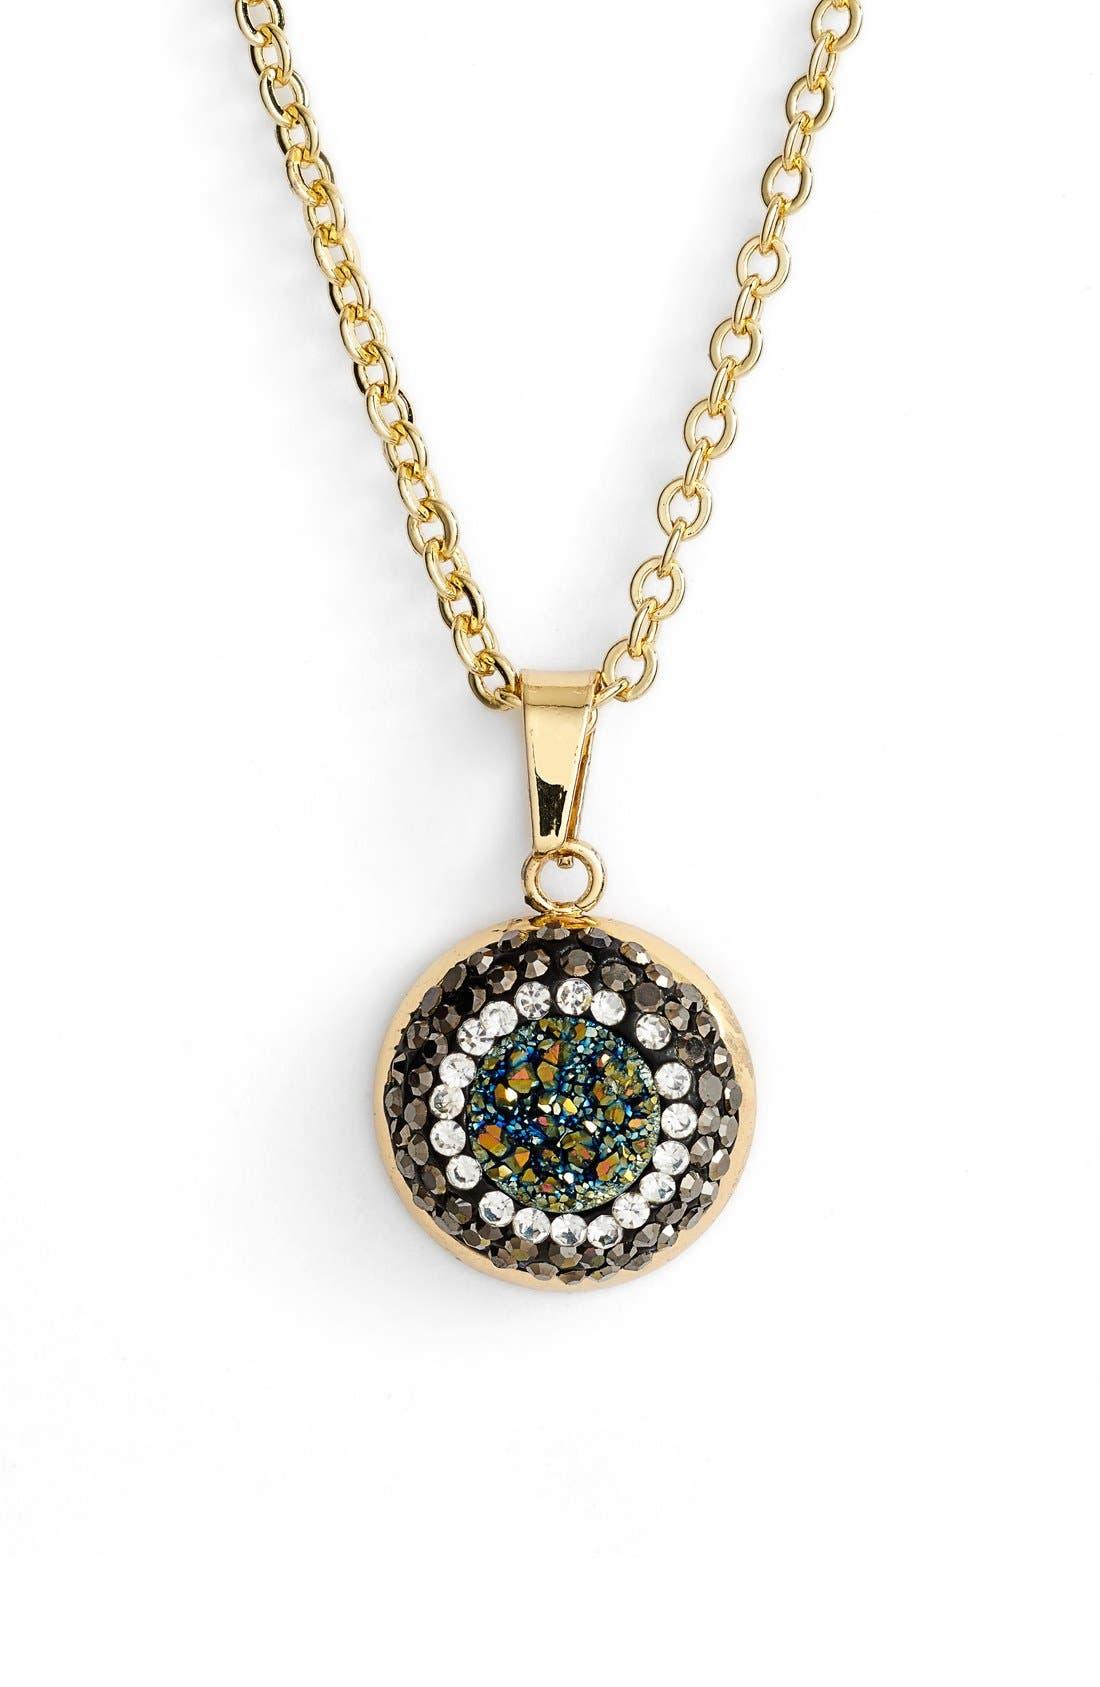 Elise M. 'Aria' Pendant Necklace